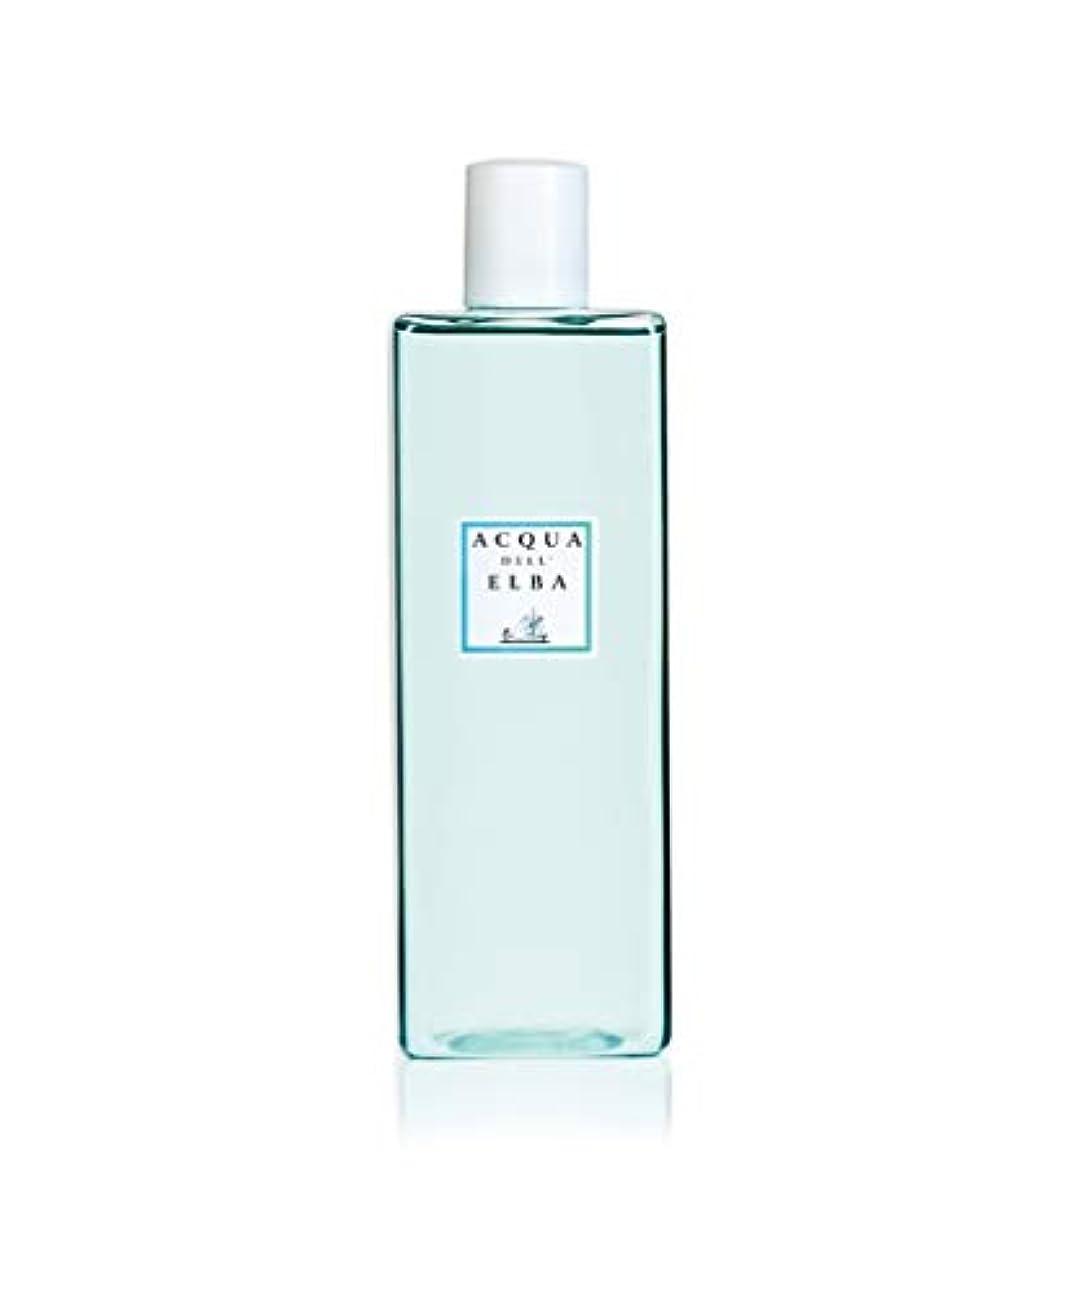 ロック解除塩辛い繊毛アクア?デッレ?エルバ Home Fragrance Diffuser Refill - Isola D'Elba 500ml/17oz並行輸入品